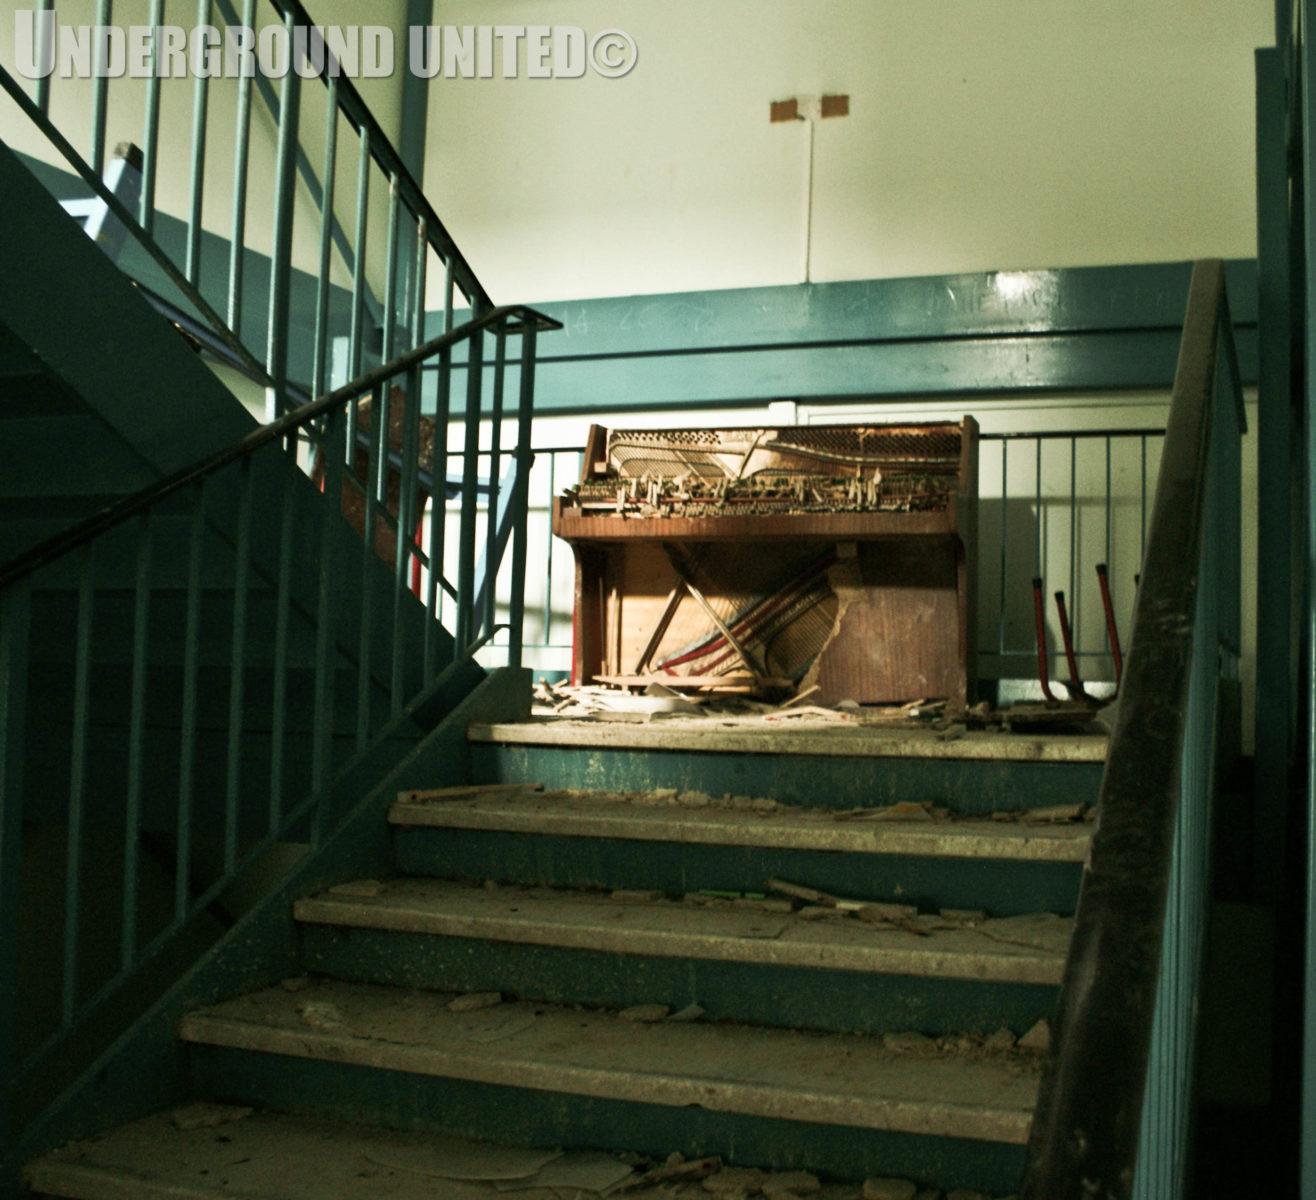 rentreescolaire college lieuxabandonnes urbex explorationurbaine radar allurbanmakers undergroundunited 91482o - De la maternelle à la fac, découvrez les plus belles écoles abandonnées !